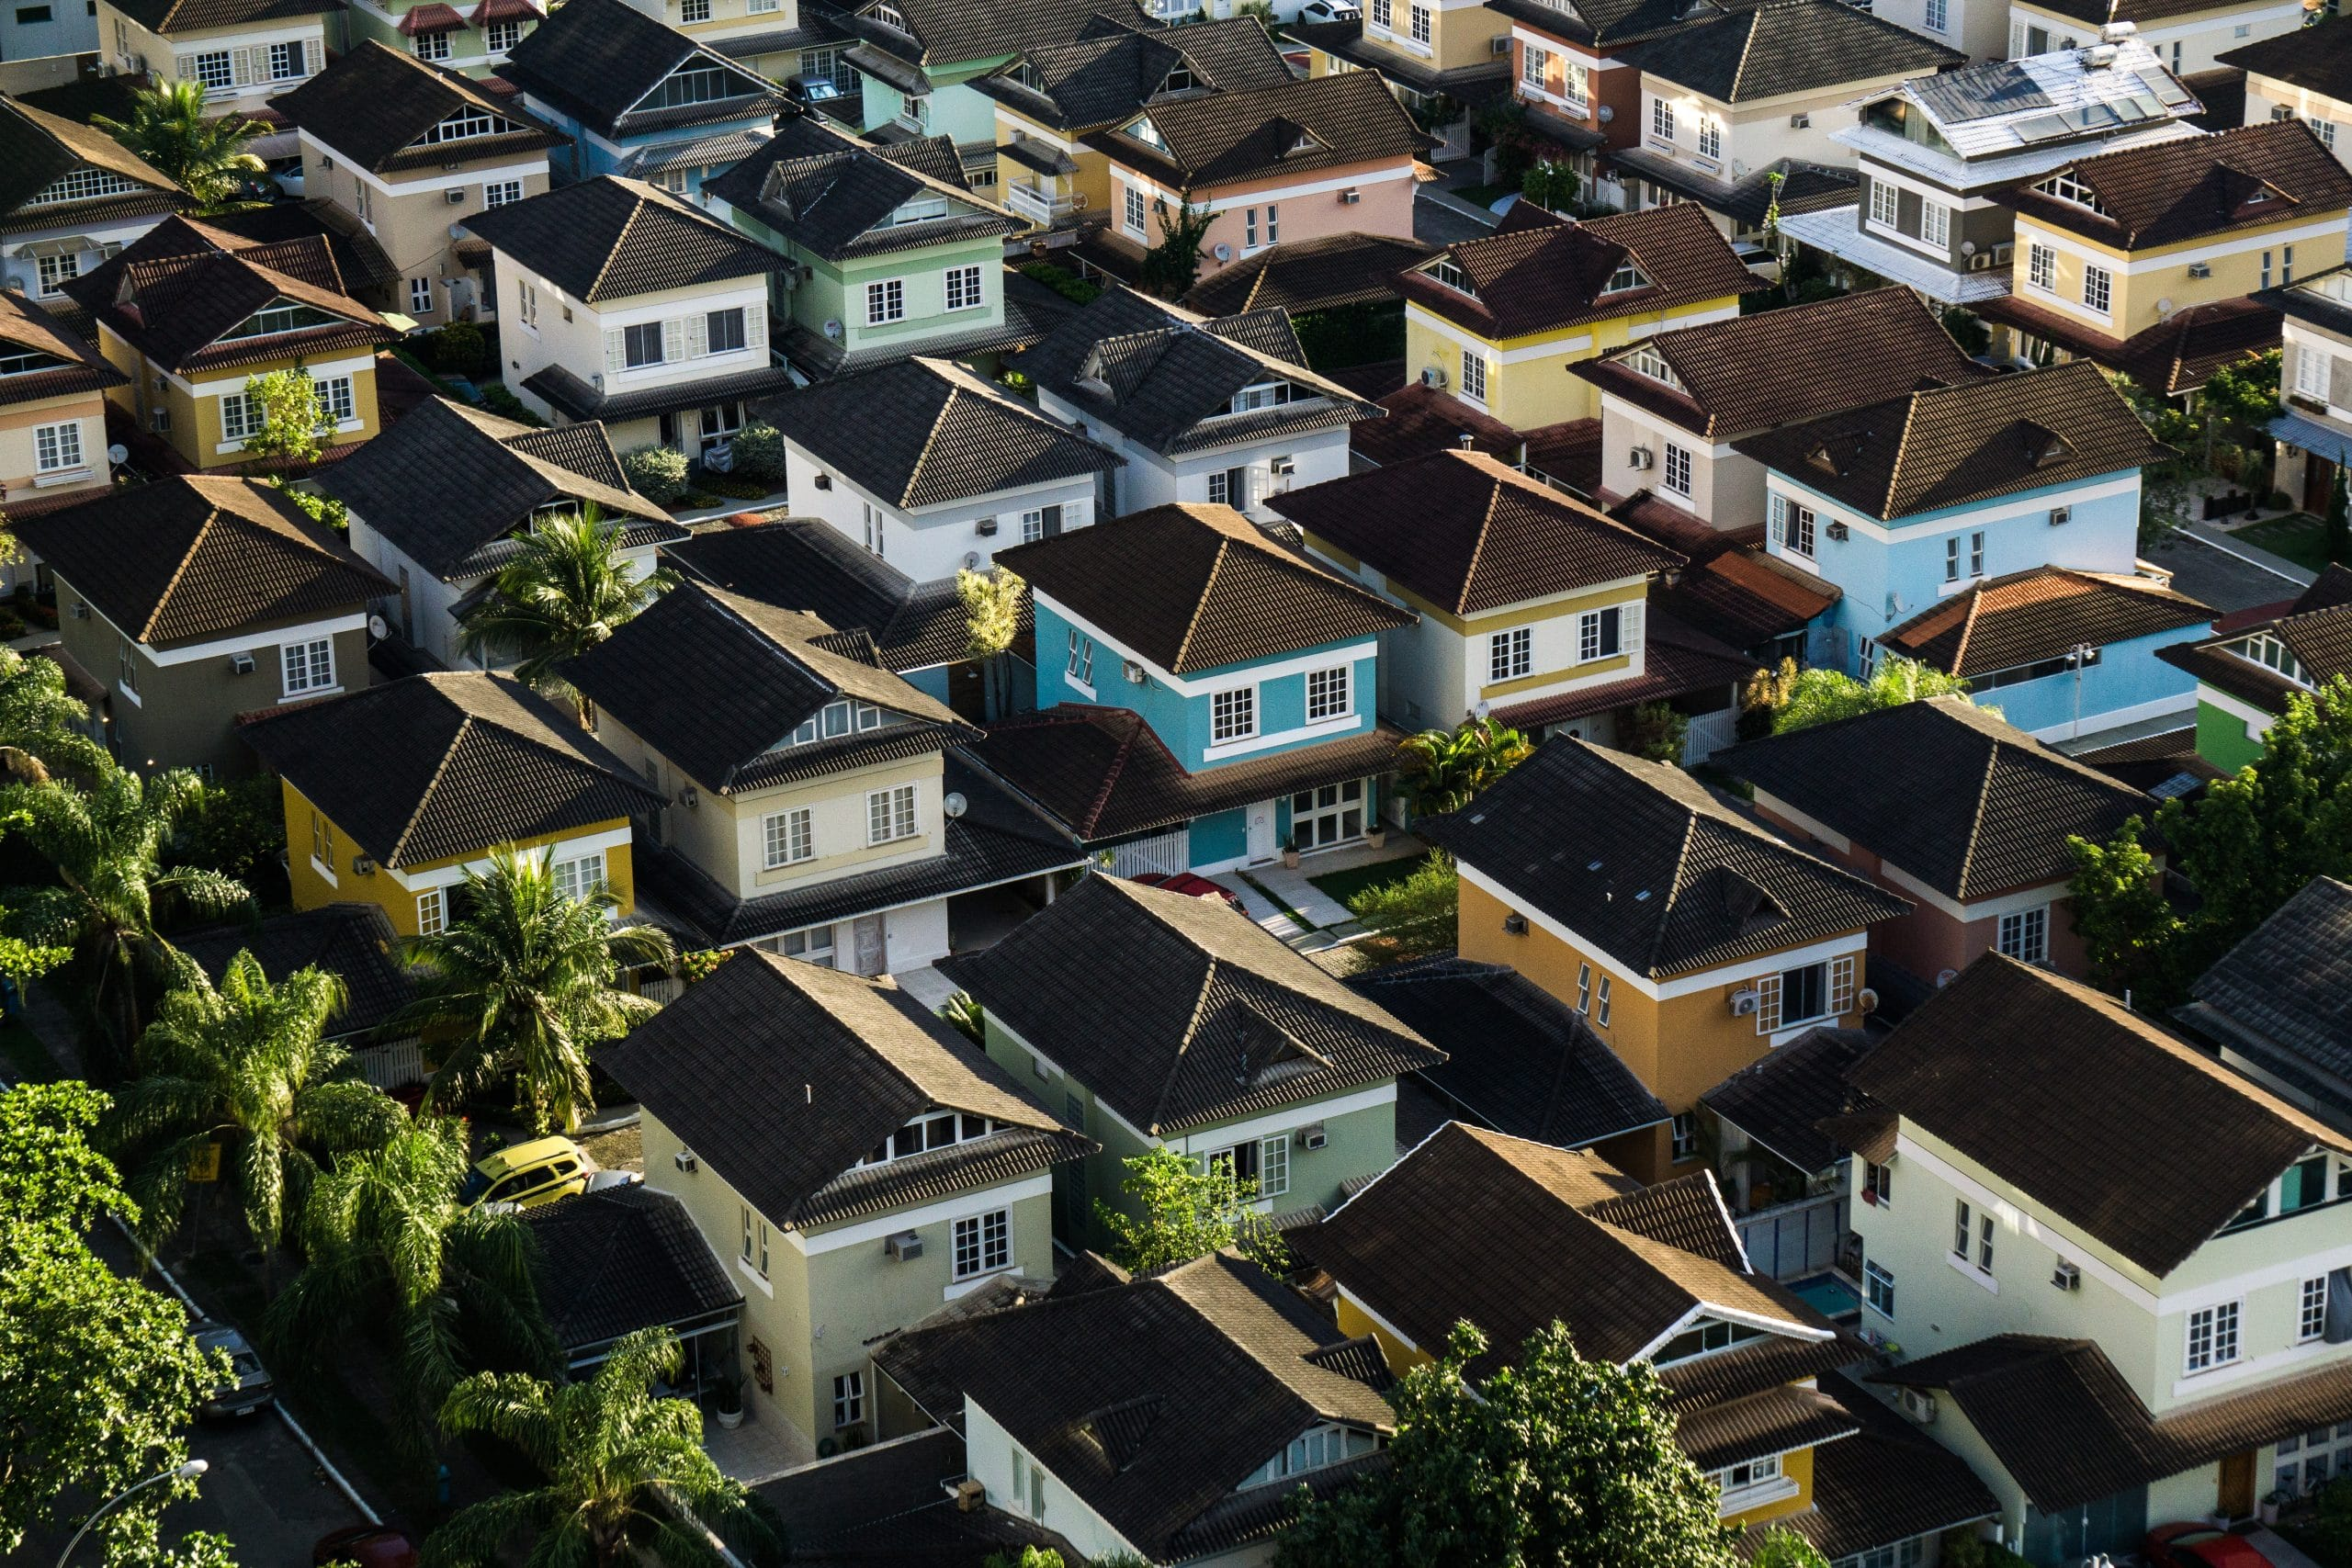 Vue aérienne d'un quartier résidentiel